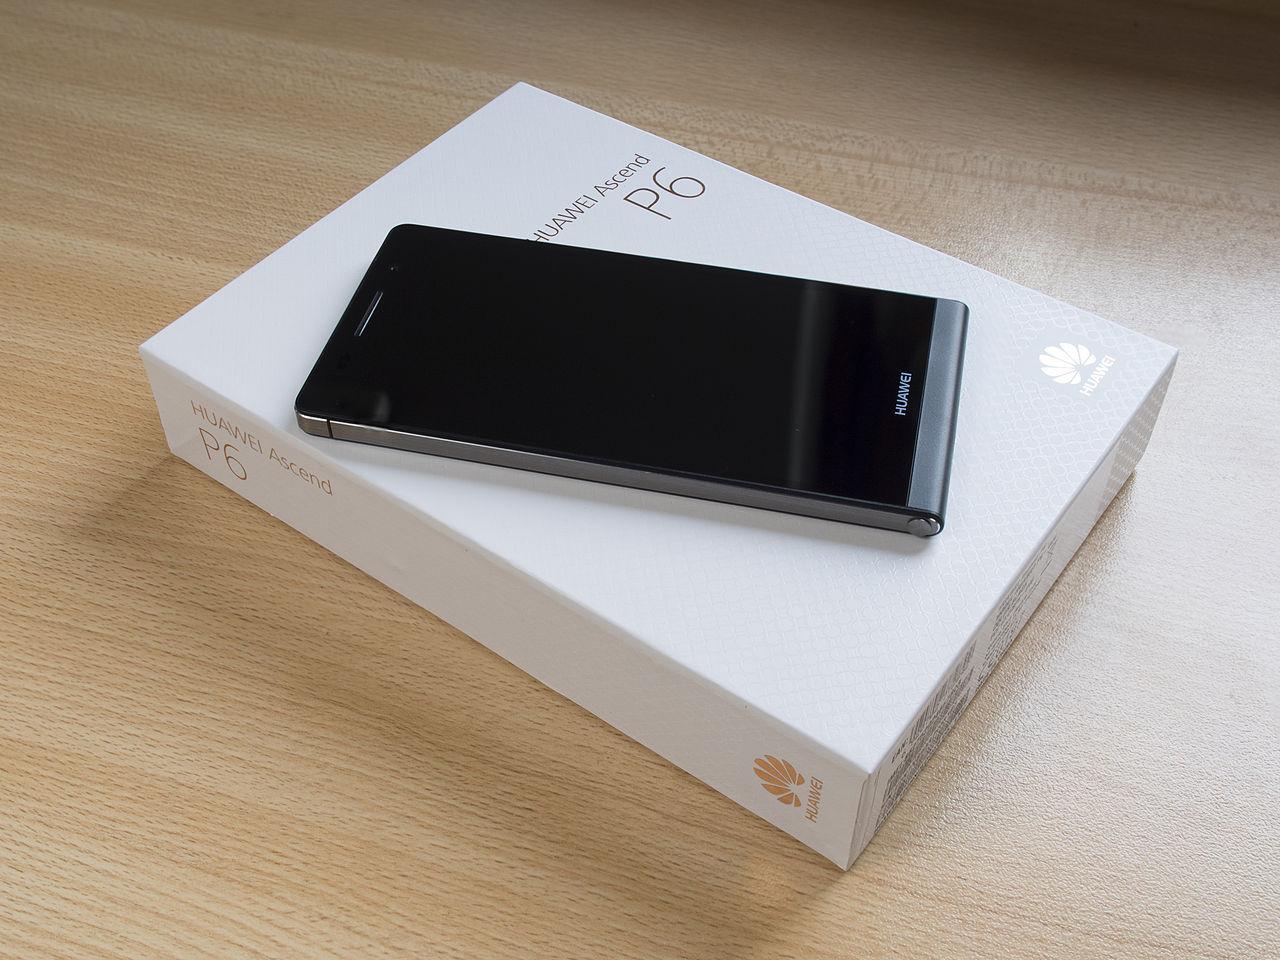 HUAWEI Ascend P6 smartphone